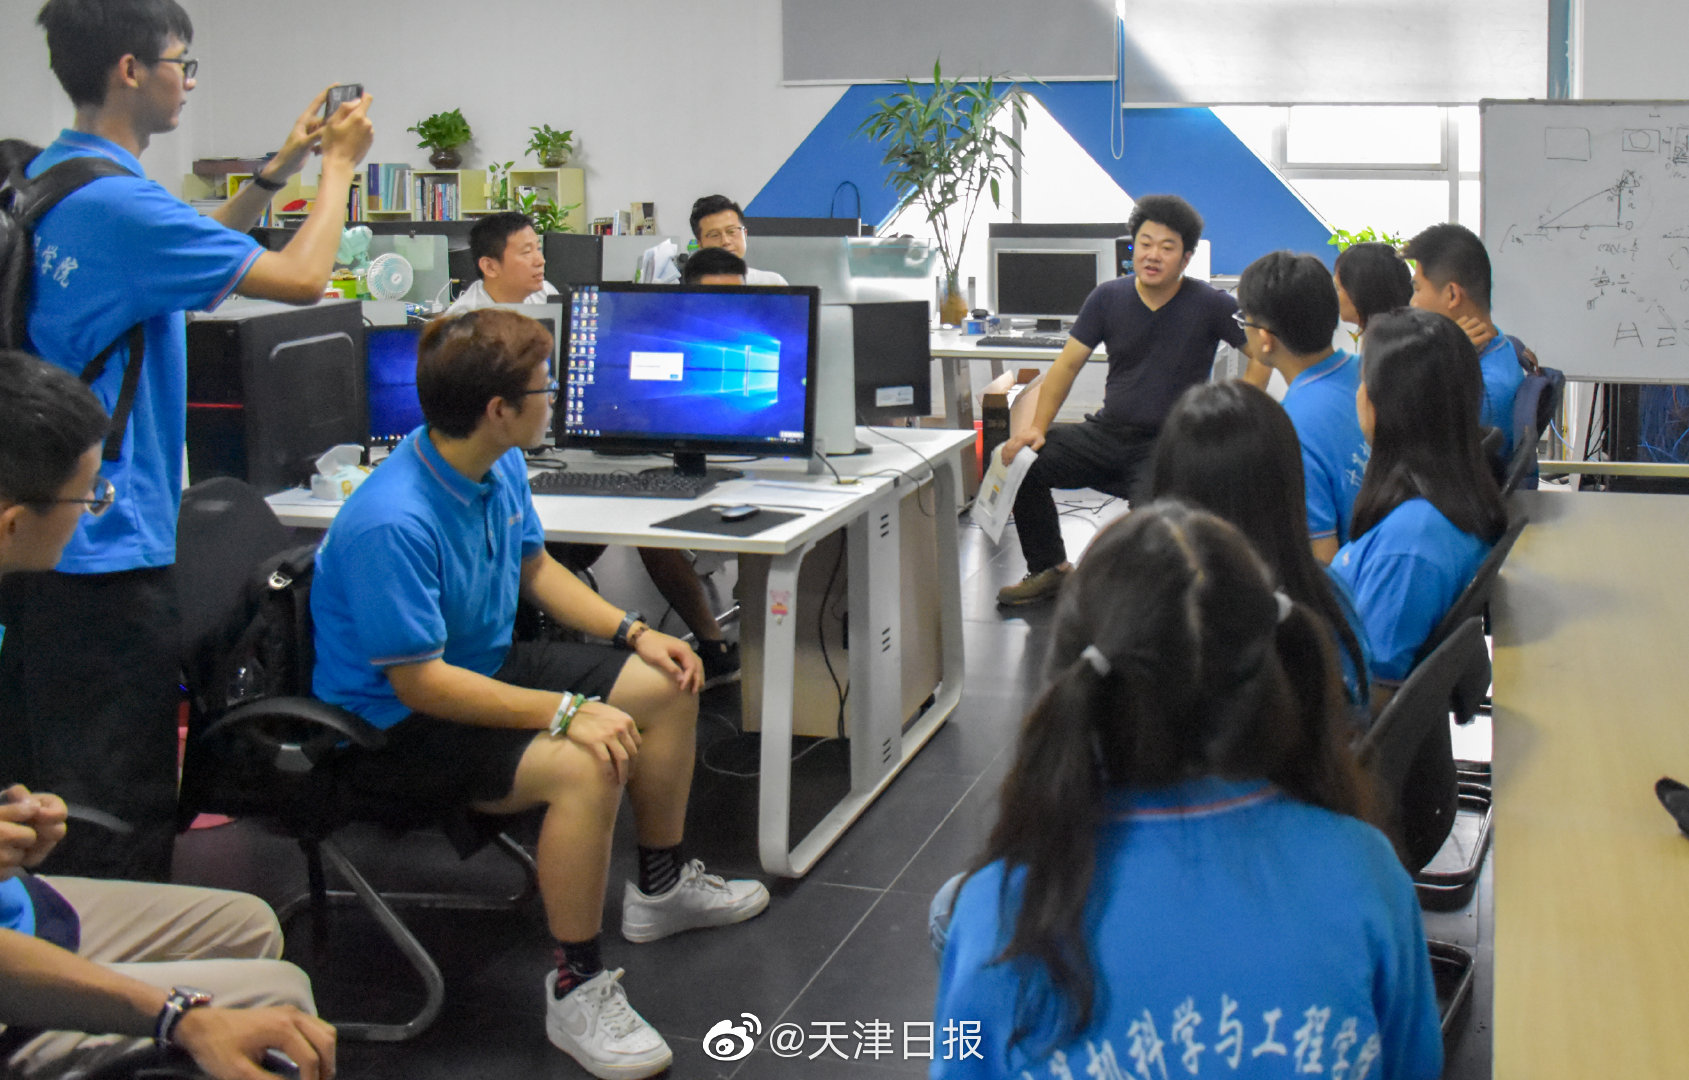 天津理工大学计算机学院学子走近科技企业开展社会实践